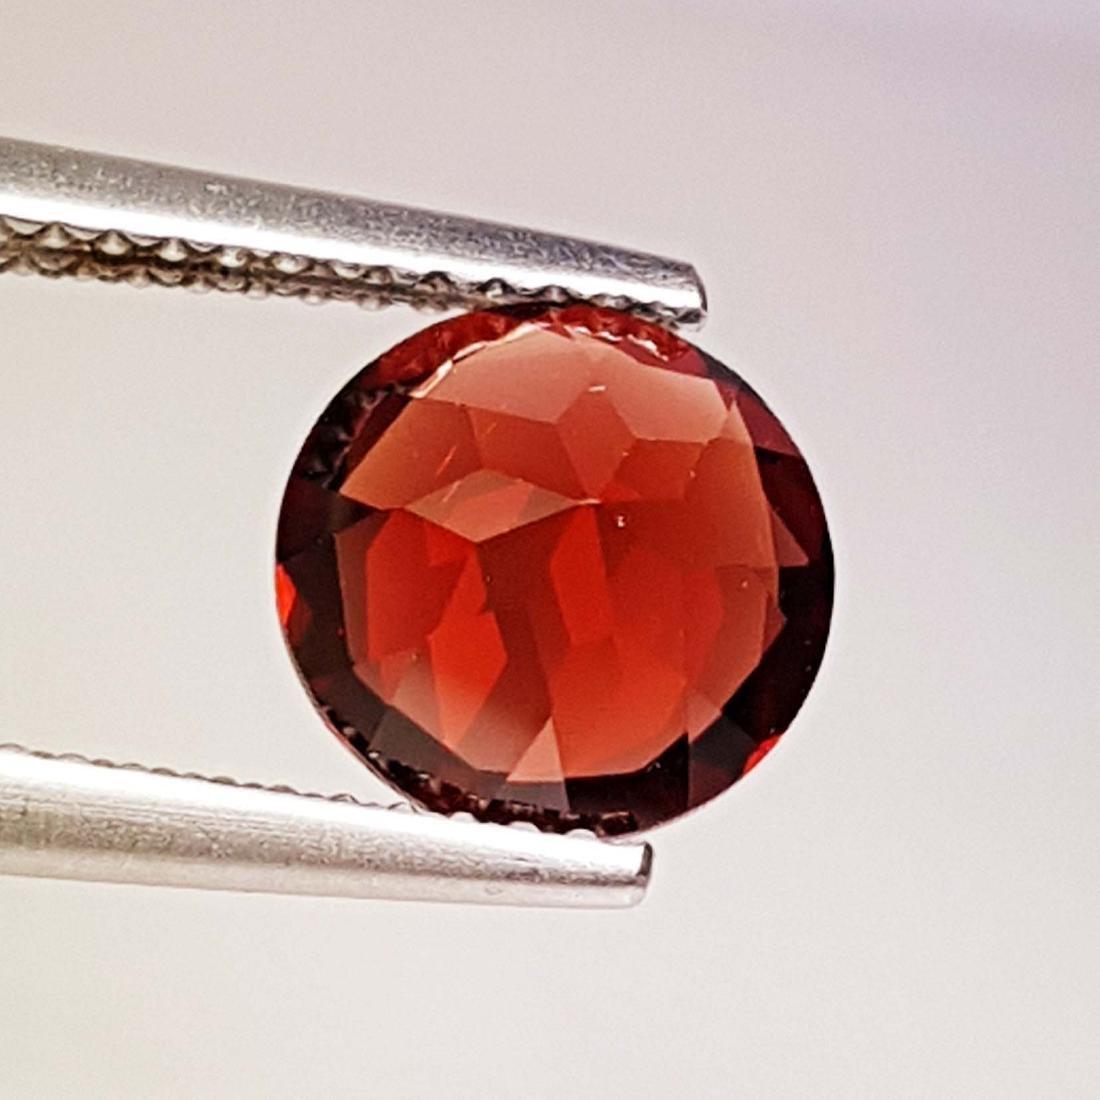 Natural Pyrope - Almandite Red Garnet - 2.10 ct - 4